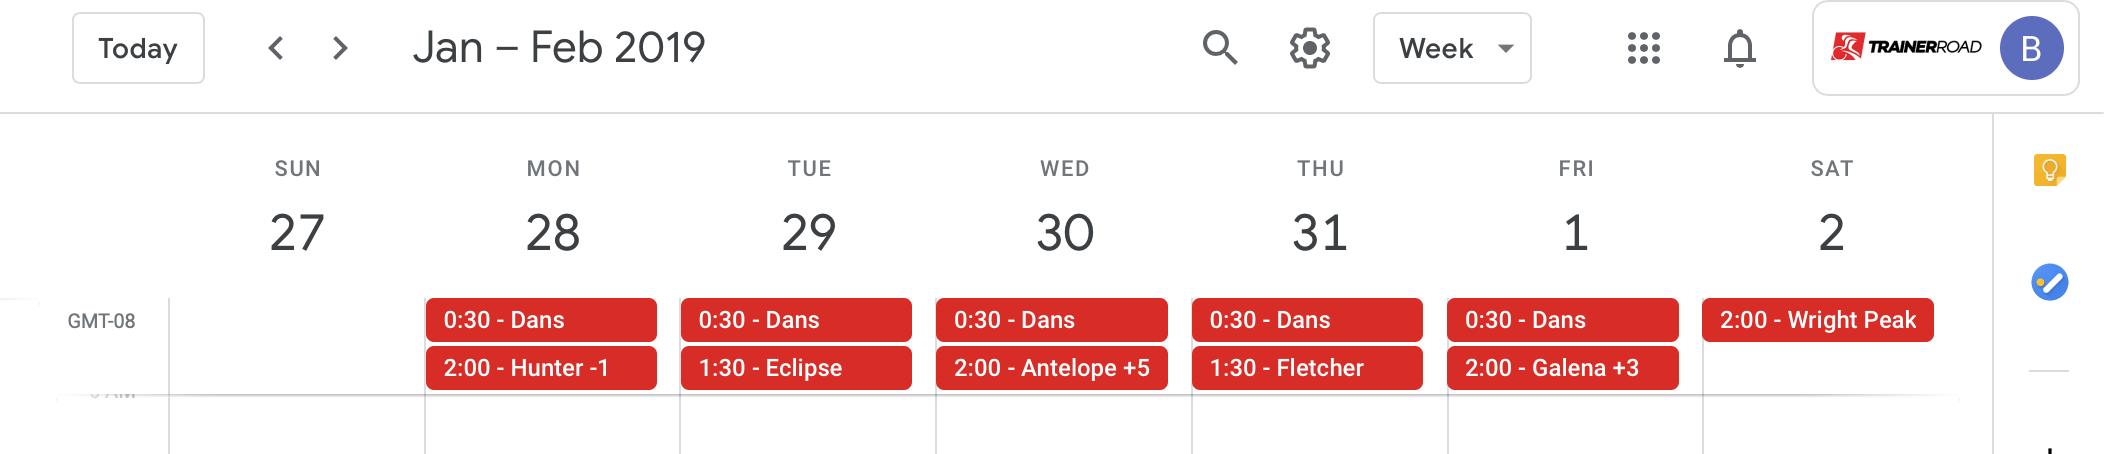 Calendar Export – TrainerRoad